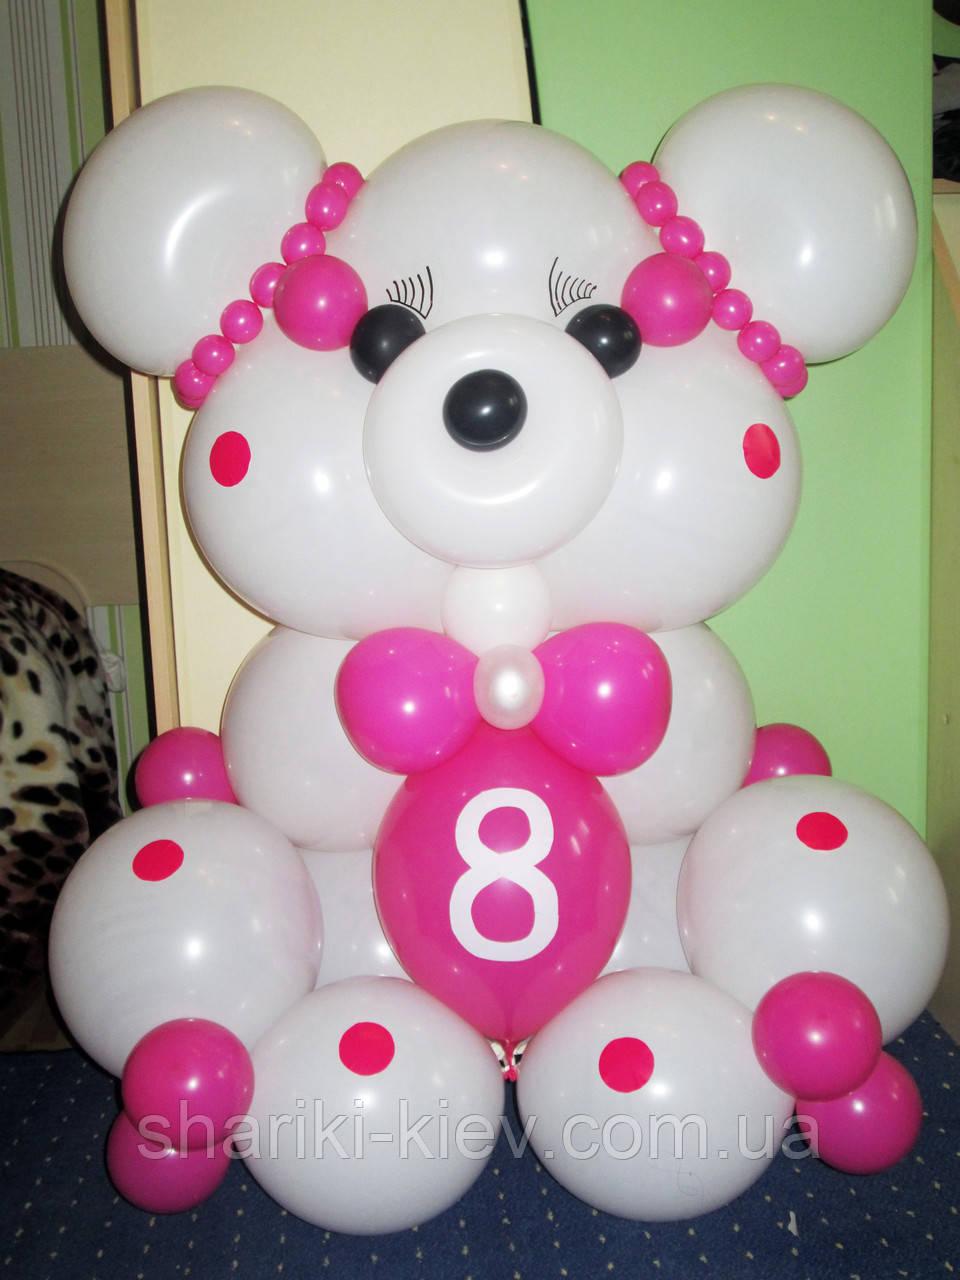 Большой Мишка Гвидо из шариков Белый с Розовым на День рождения Киев